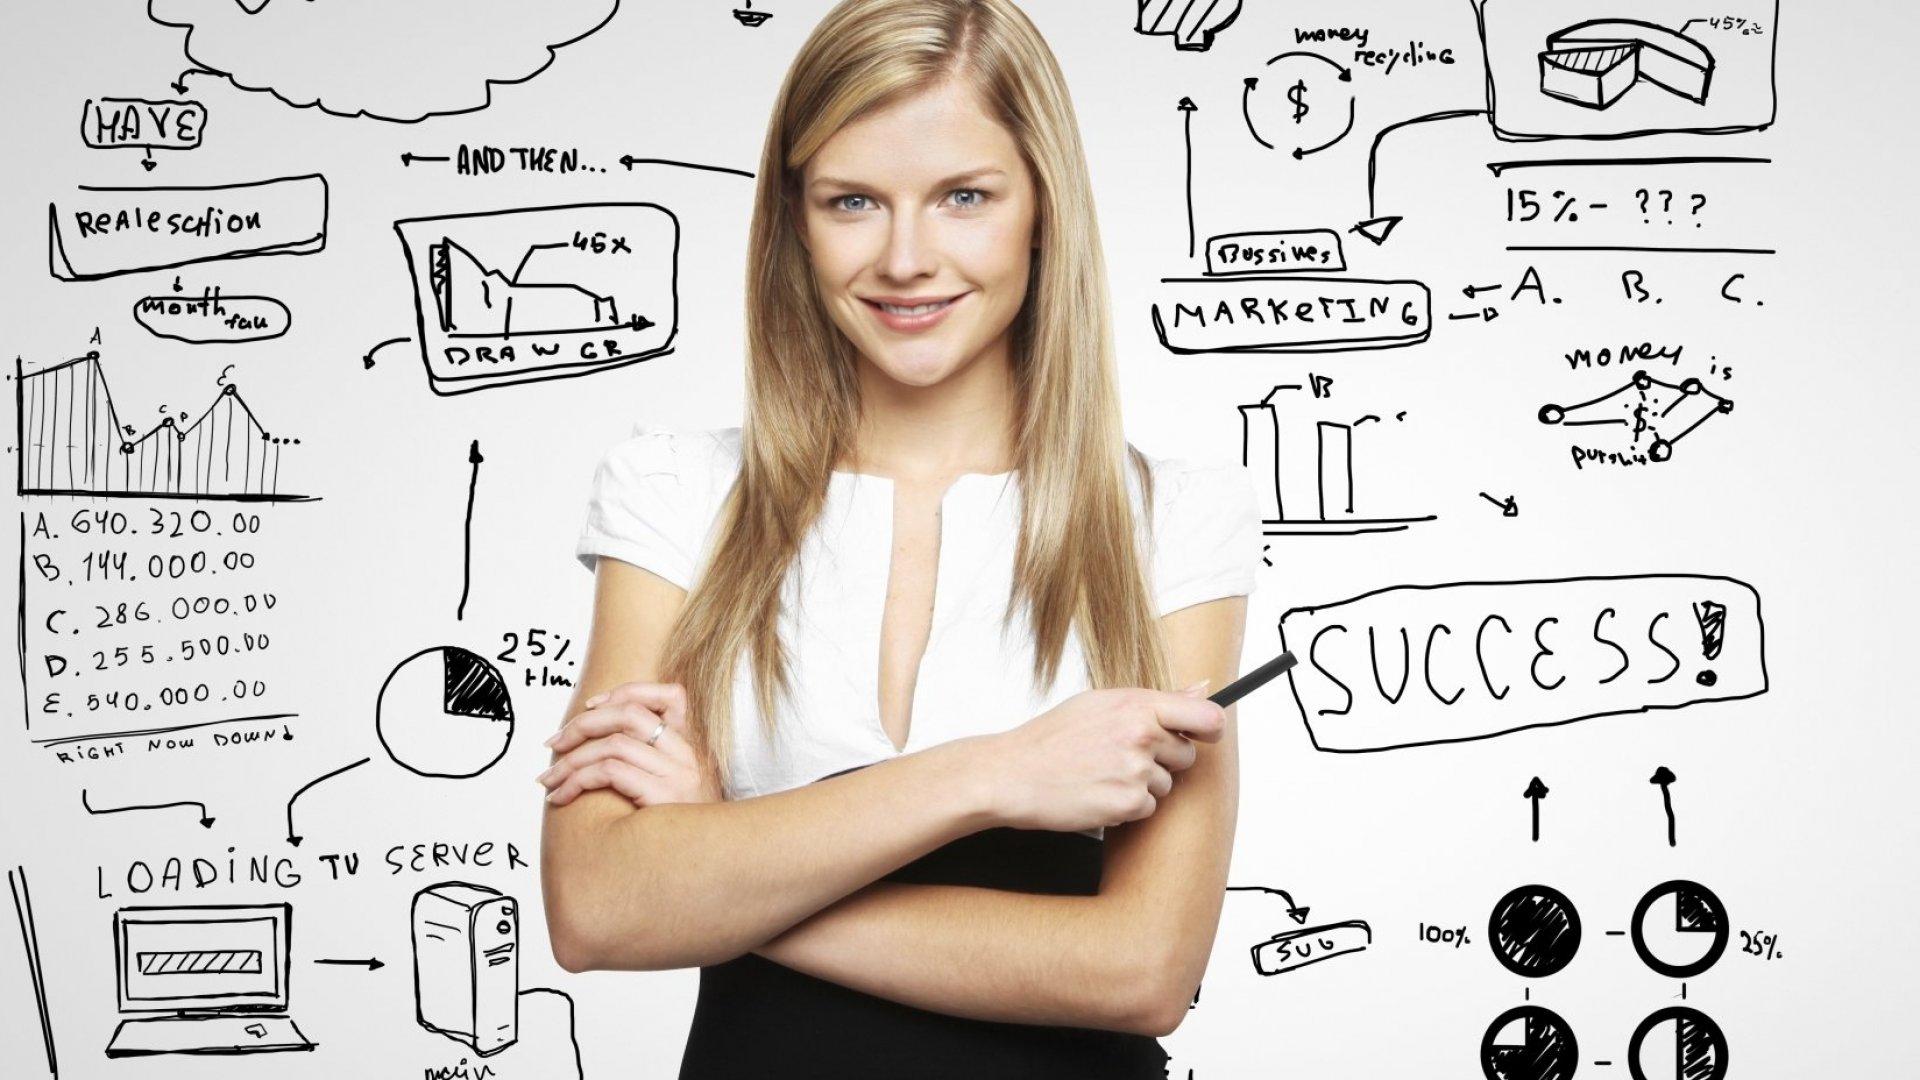 5 Smart Tactics That Help Women Leaders Succeed